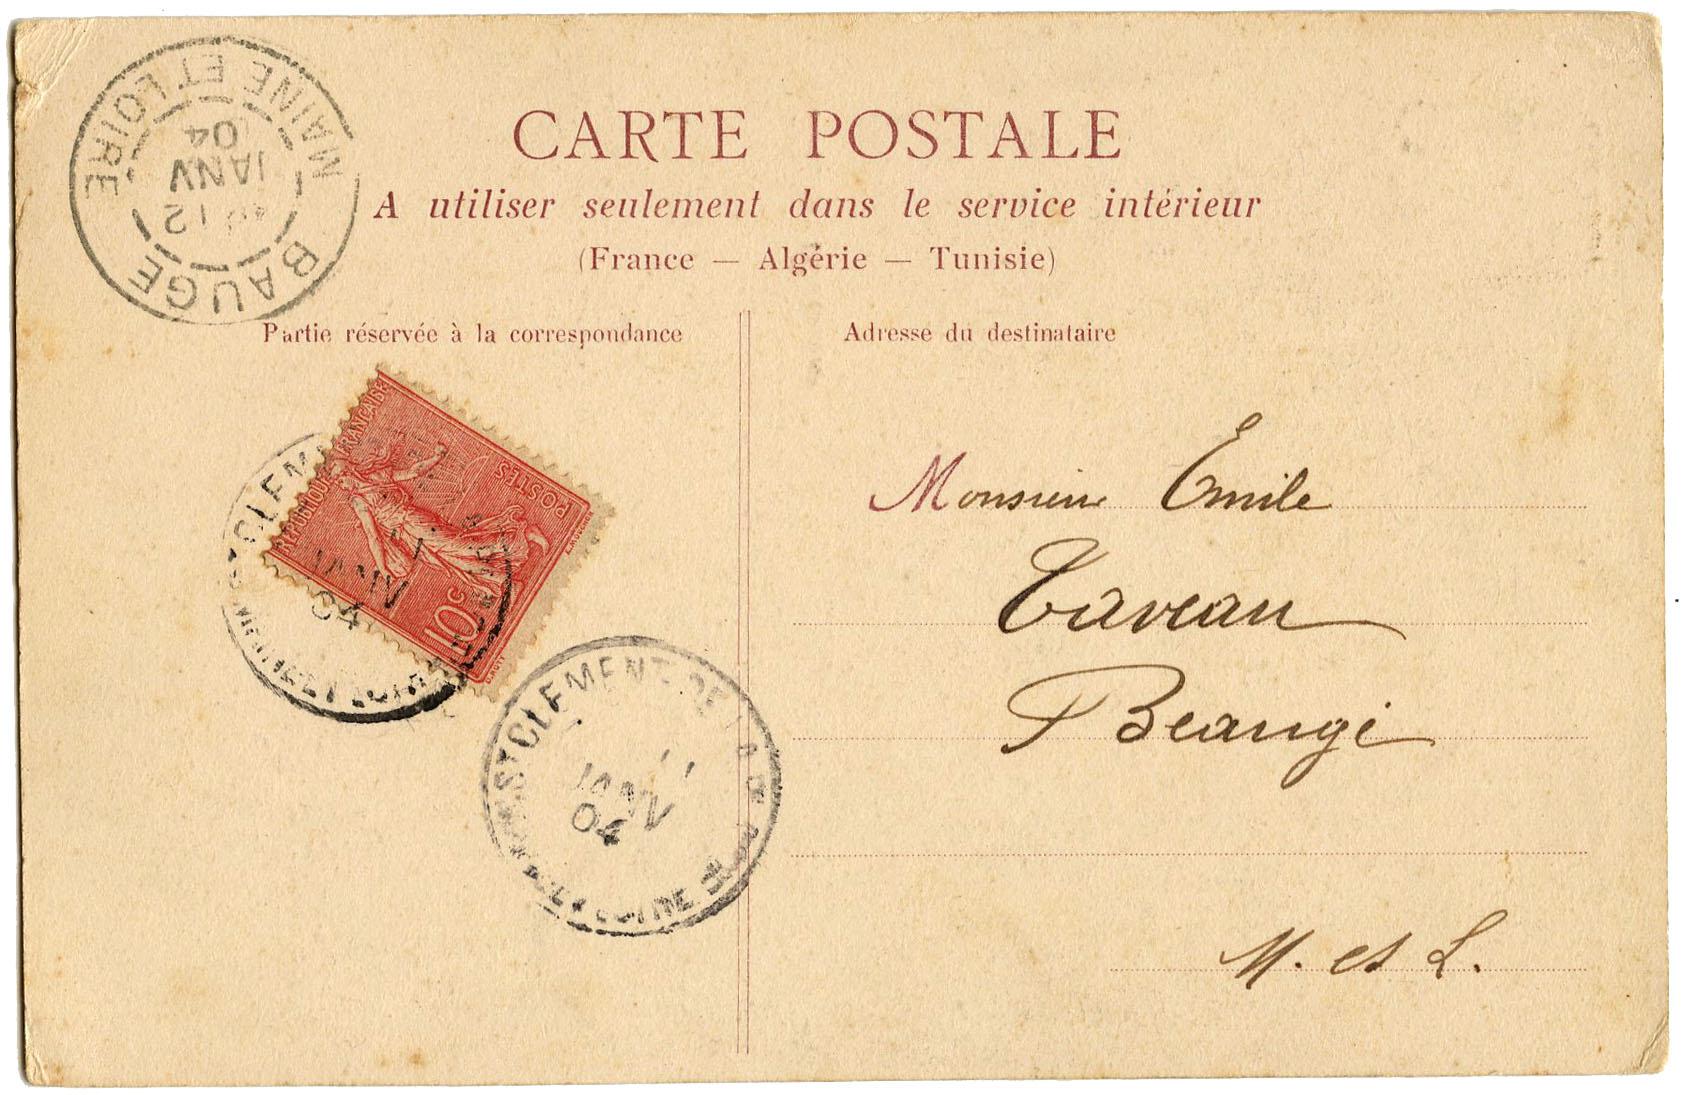 Воскрес картинки, штамп почтовой открытки